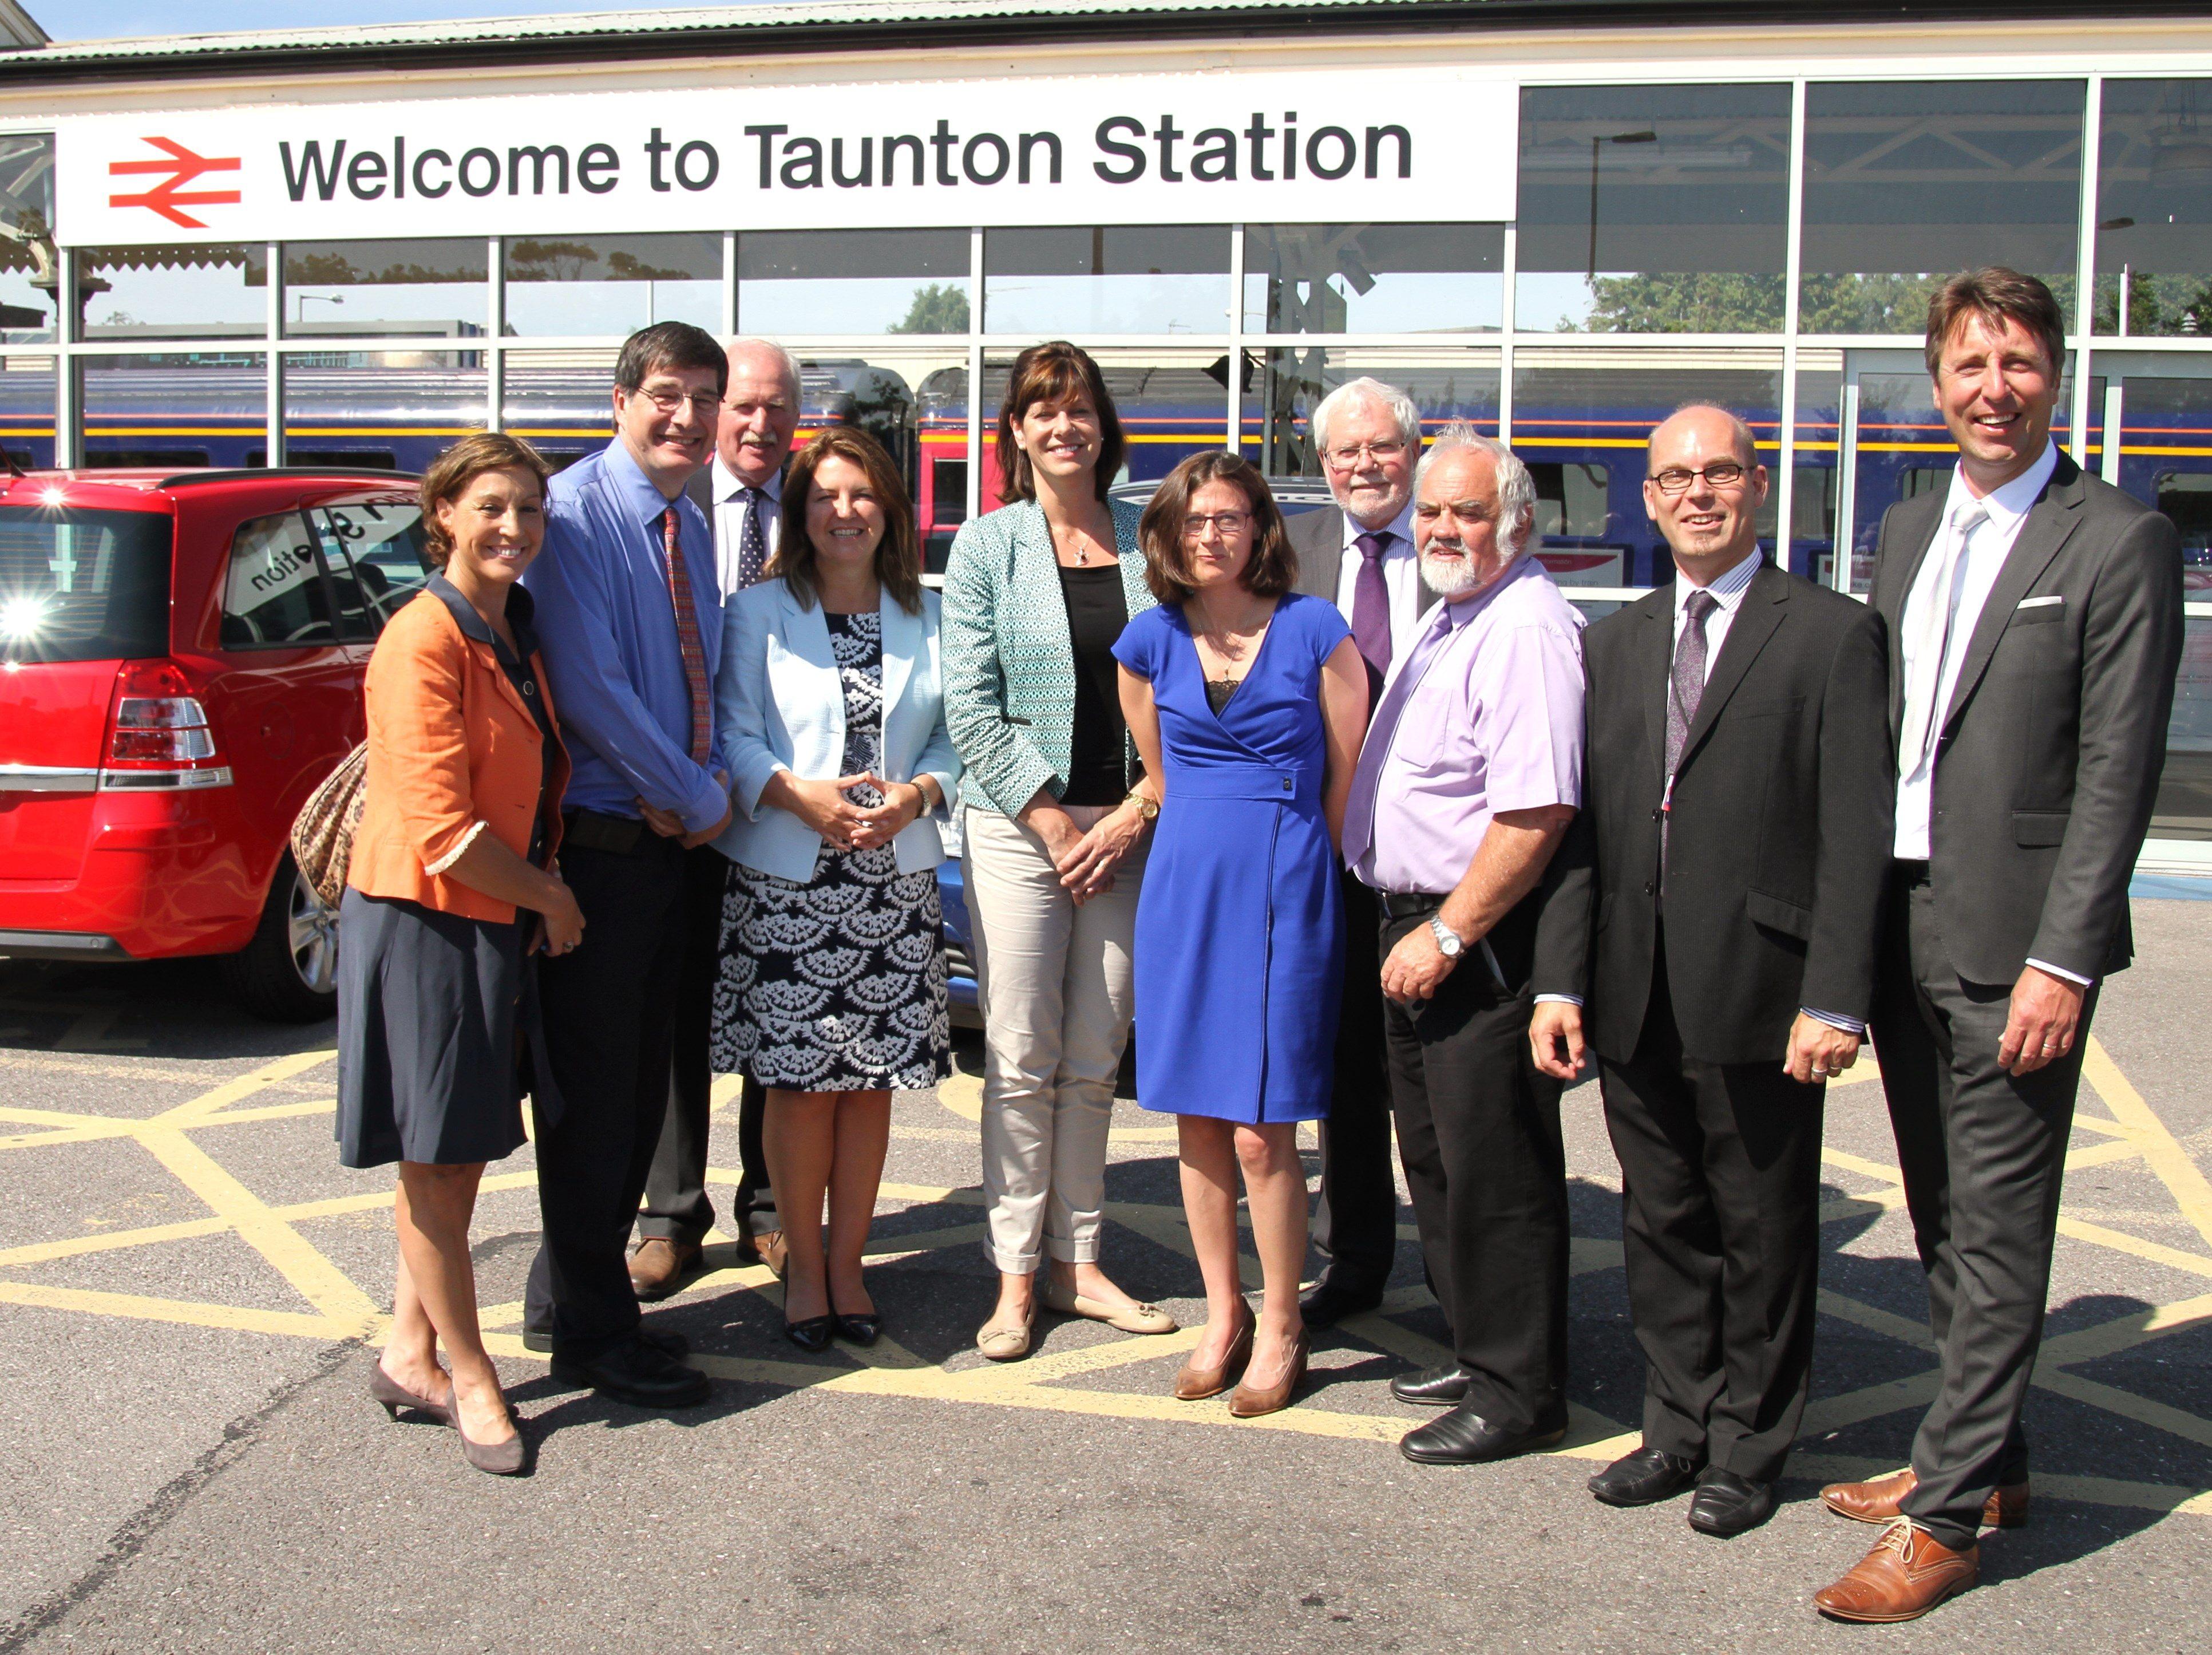 Station Road Car Park Taunton